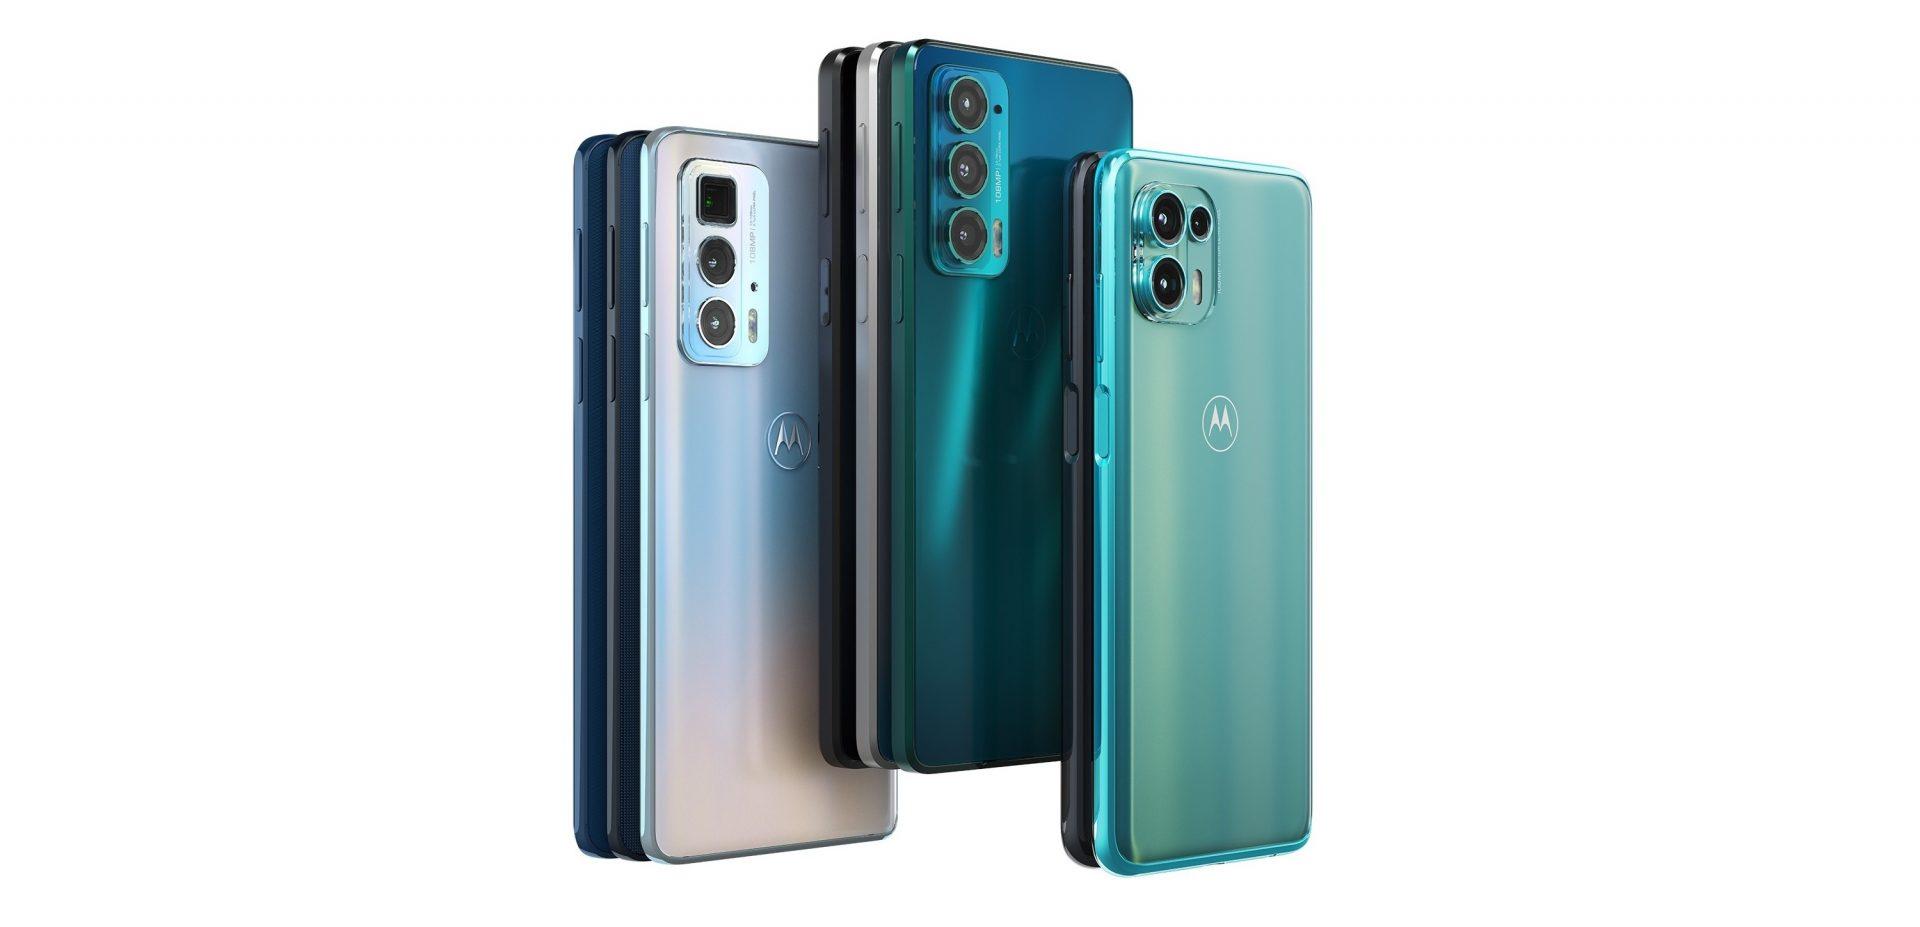 Motorola lansează seria Edge 20, echipată cu senzori foto de 108 megapixeli și prețuri mai mici